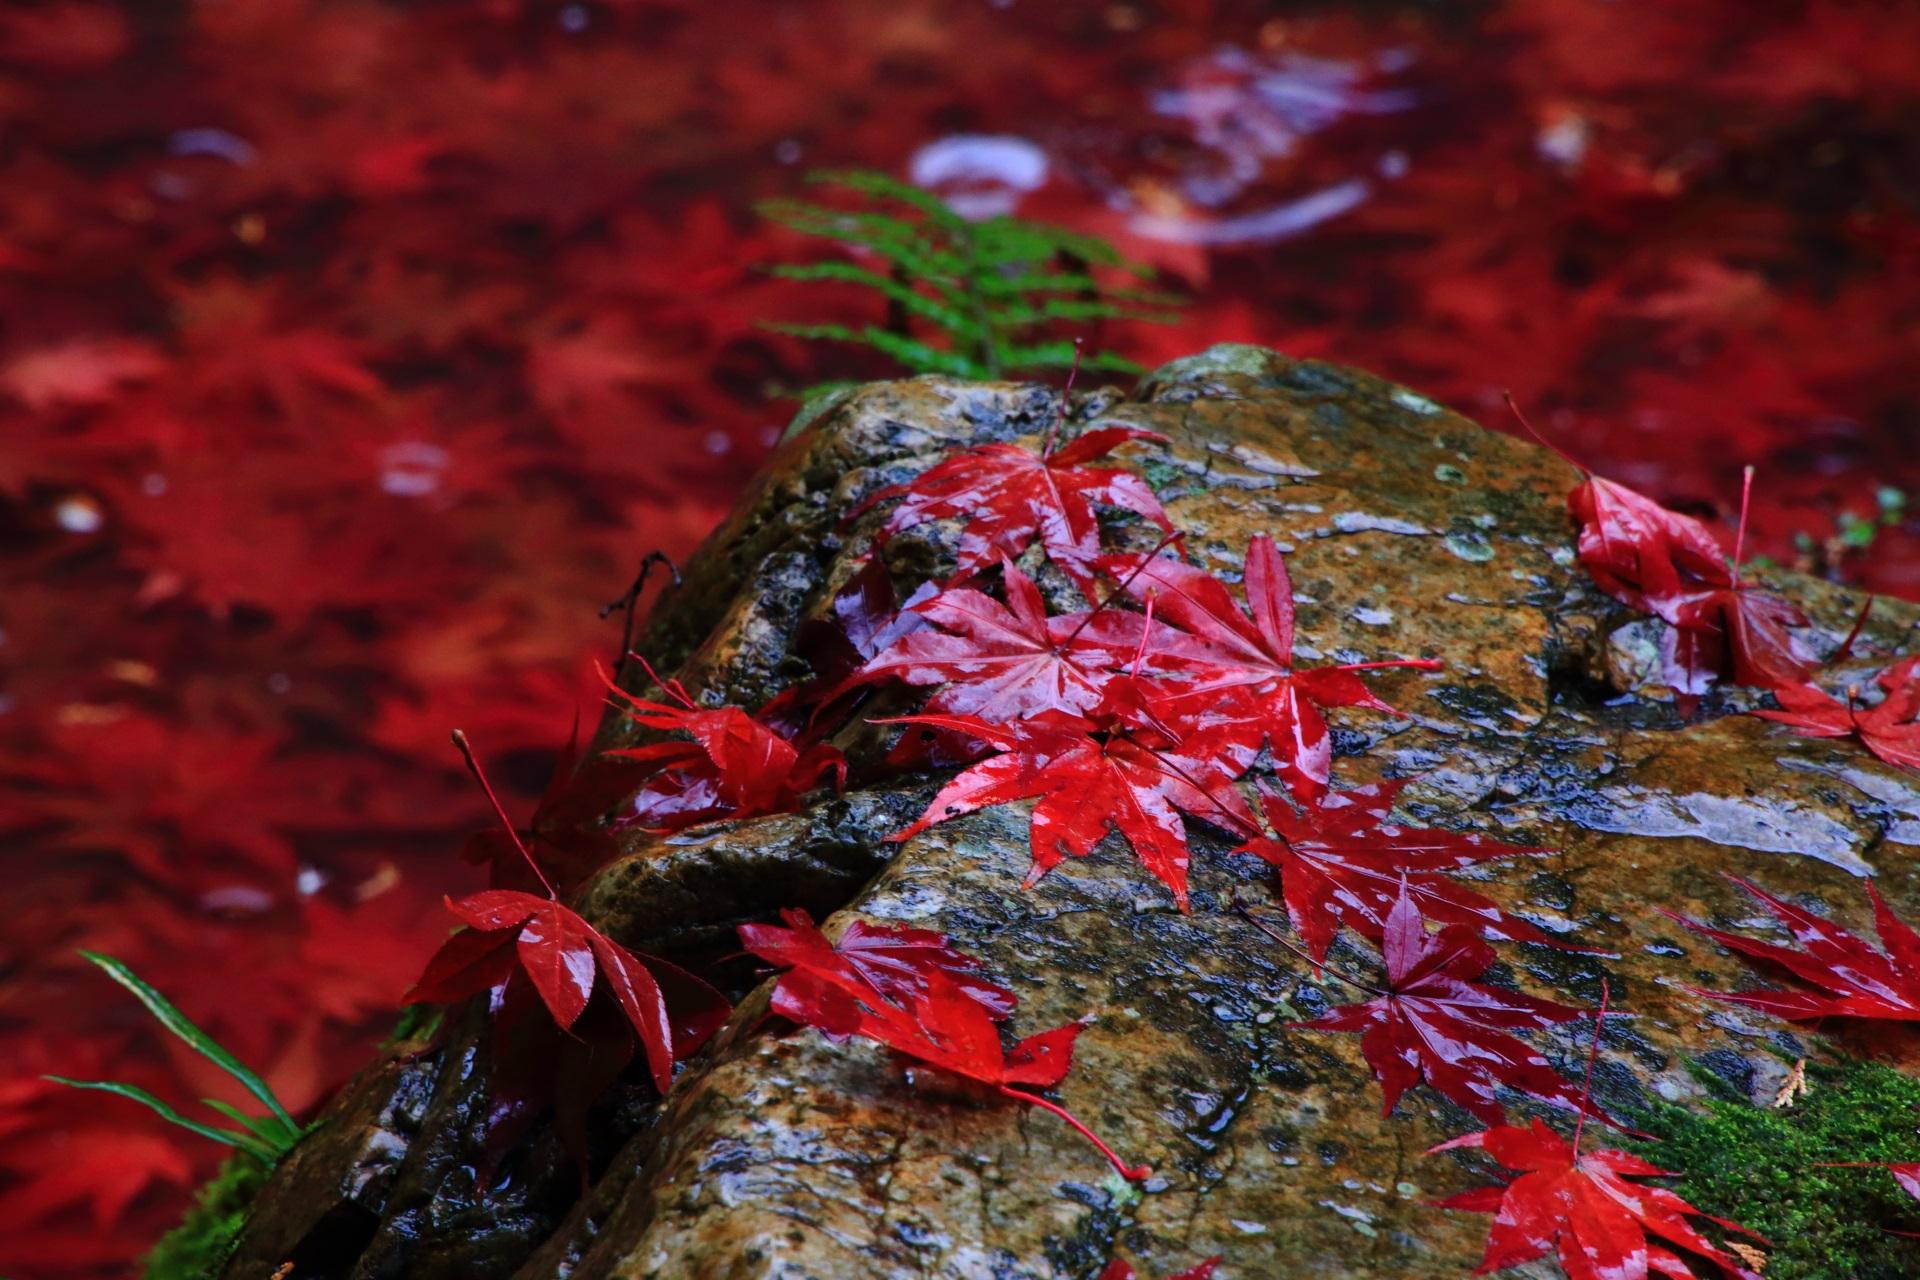 情緒たっぷりの秋の小さな風景